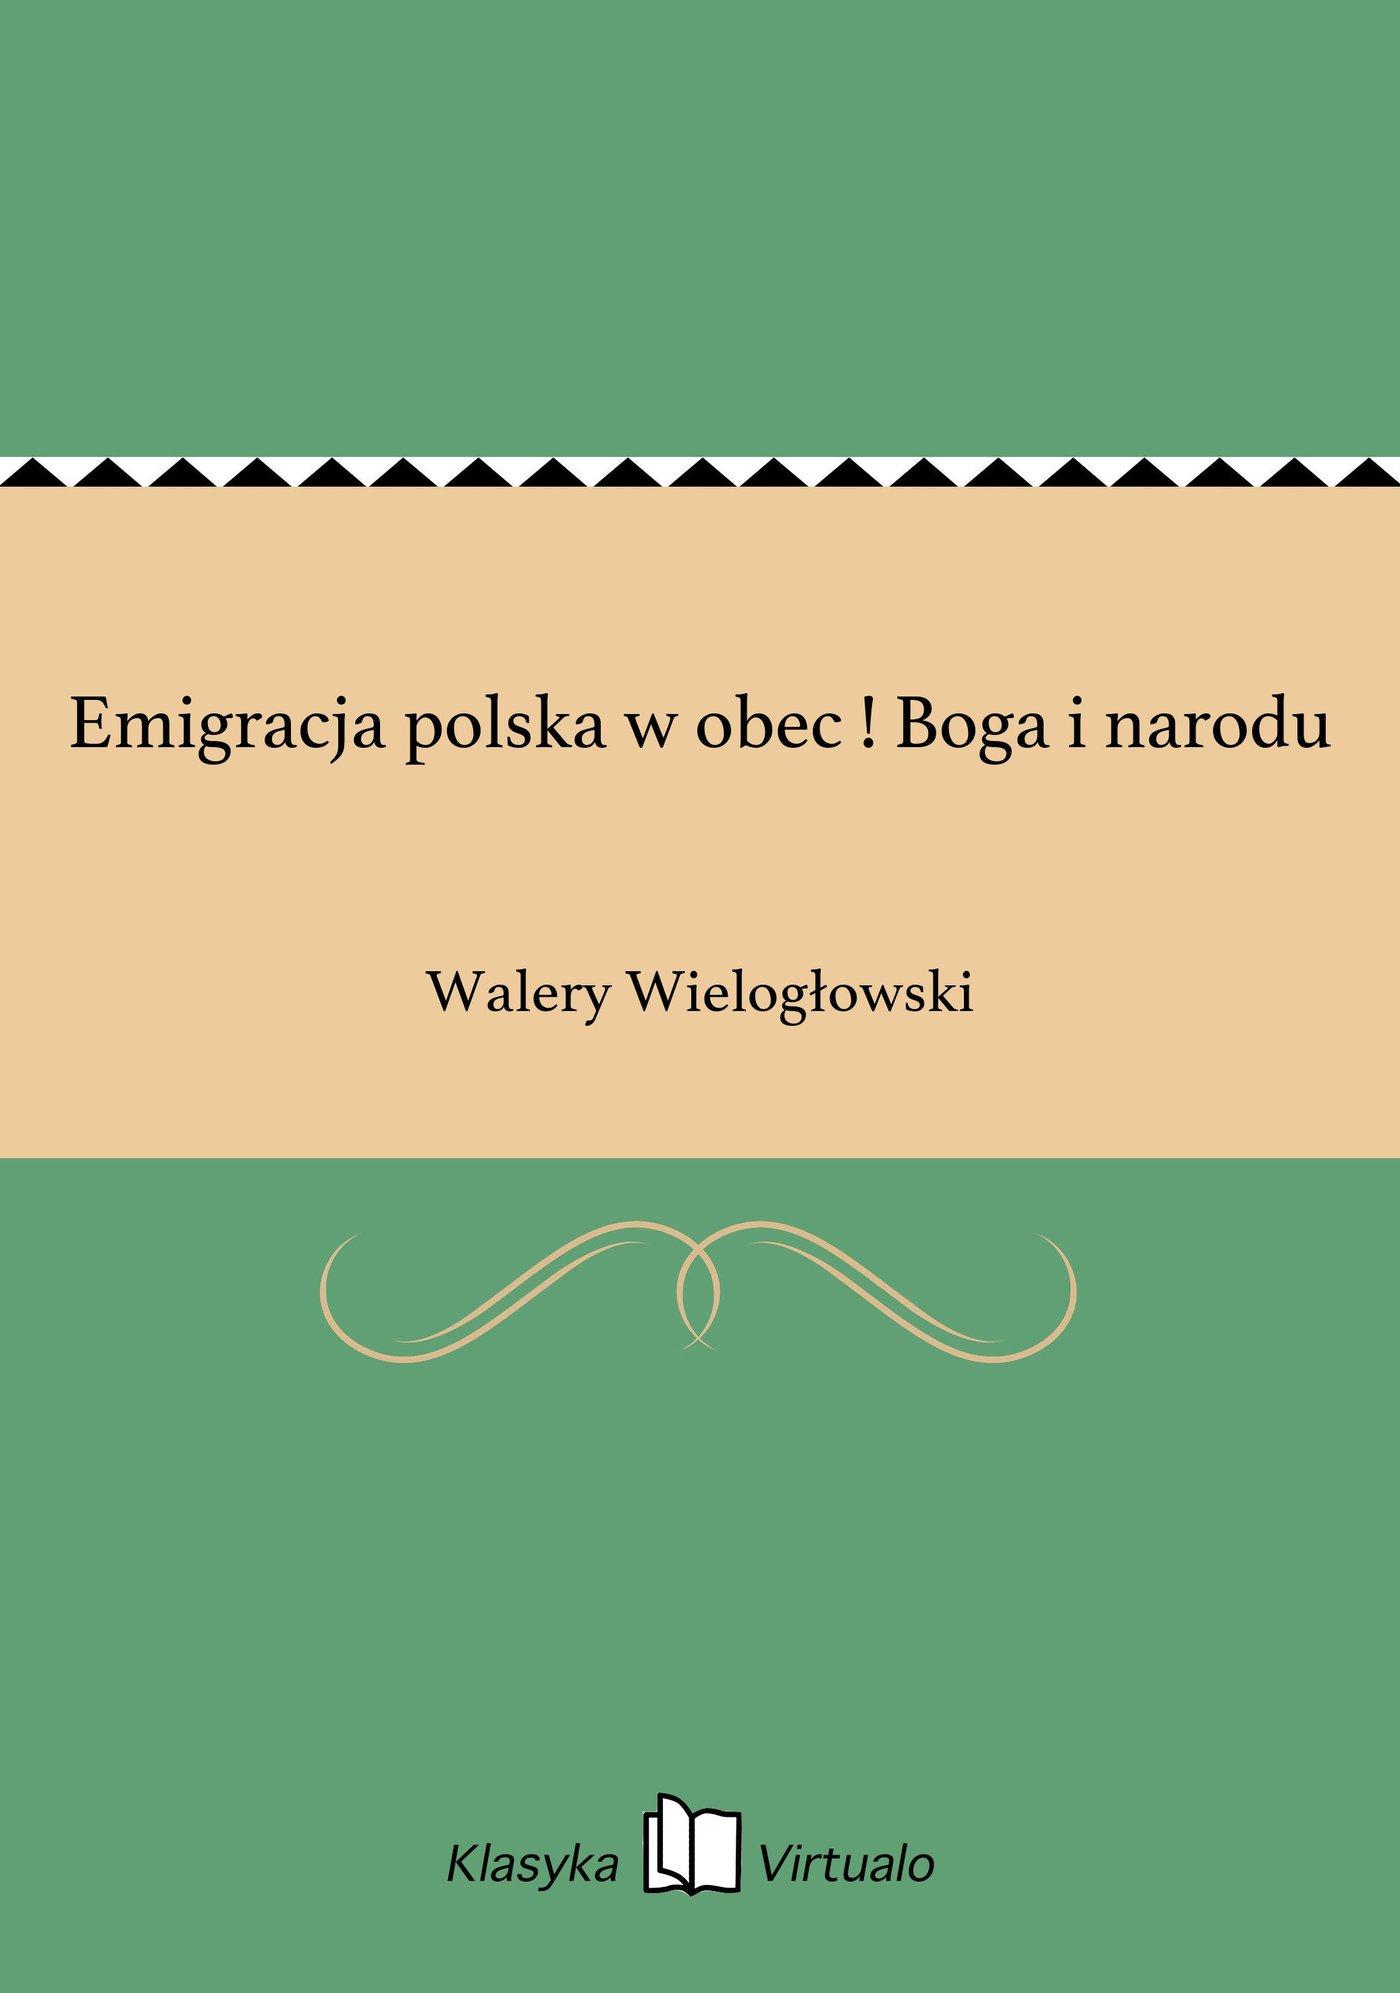 Emigracja polska w obec ! Boga i narodu - Ebook (Książka EPUB) do pobrania w formacie EPUB